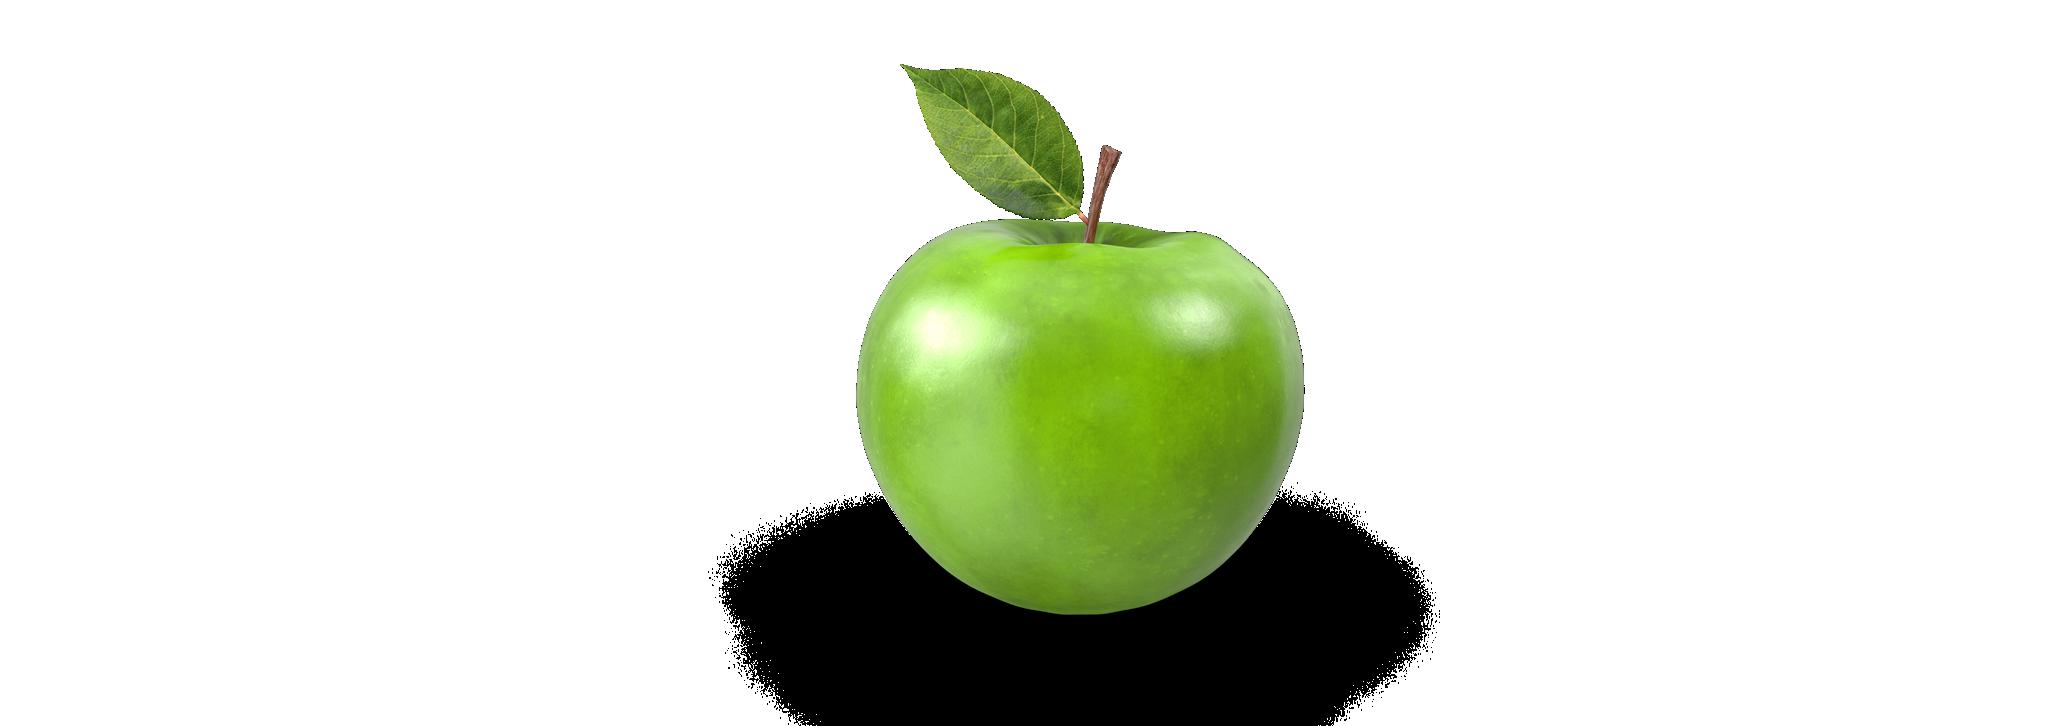 Dental apple.H16.2k.png